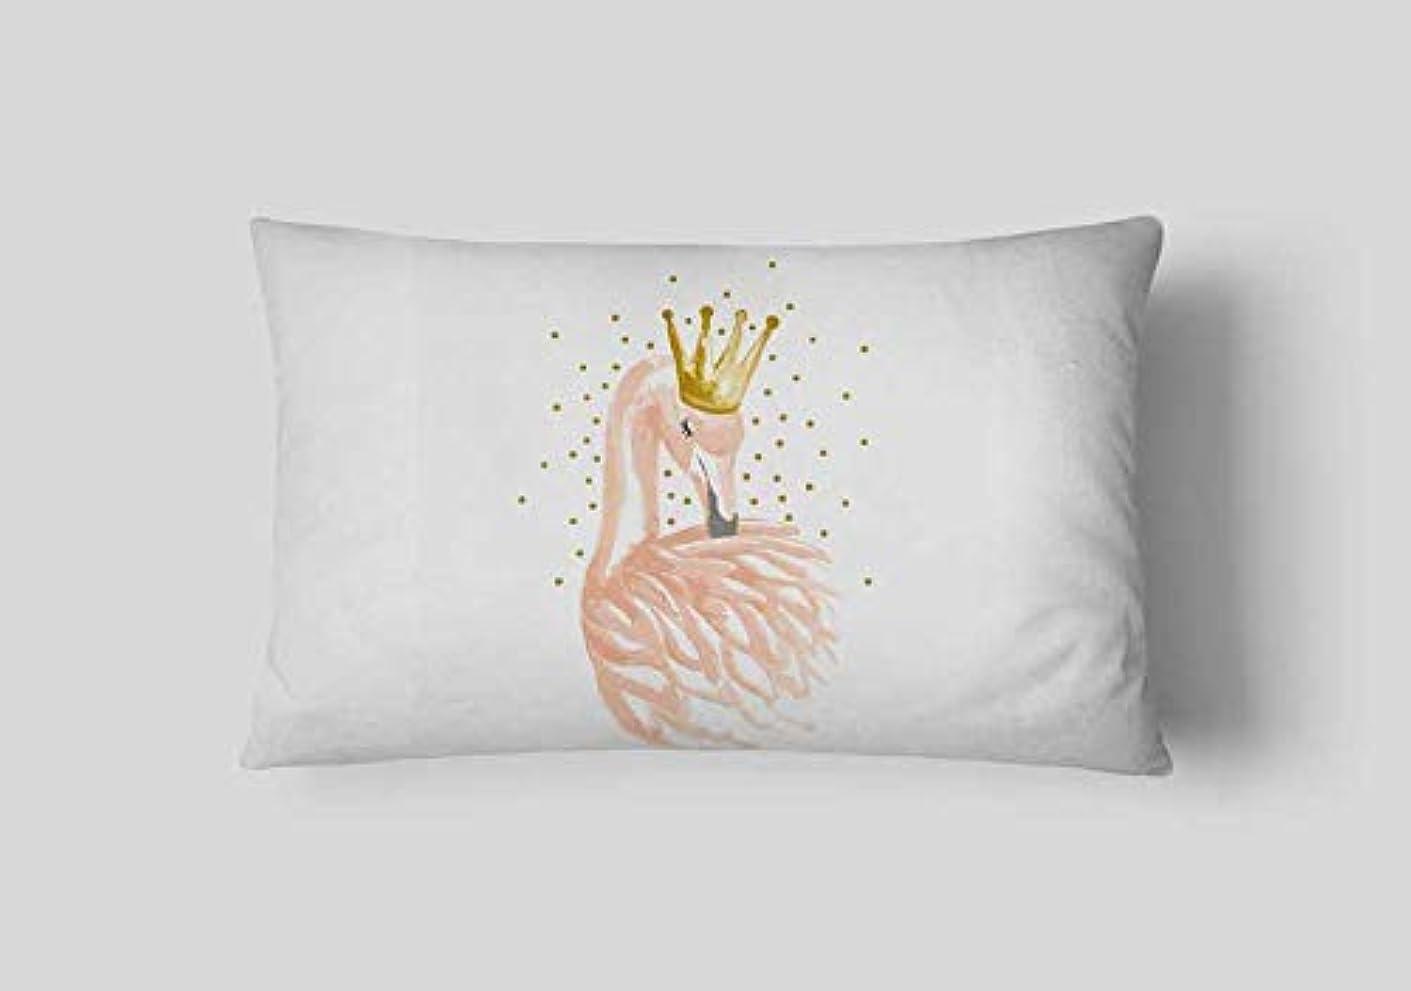 表示知覚する興味LIFE 新しいぬいぐるみピンクフラミンゴクッションガチョウの羽風船幾何北欧家の装飾ソファスロー枕用女の子ルーム装飾 クッション 椅子